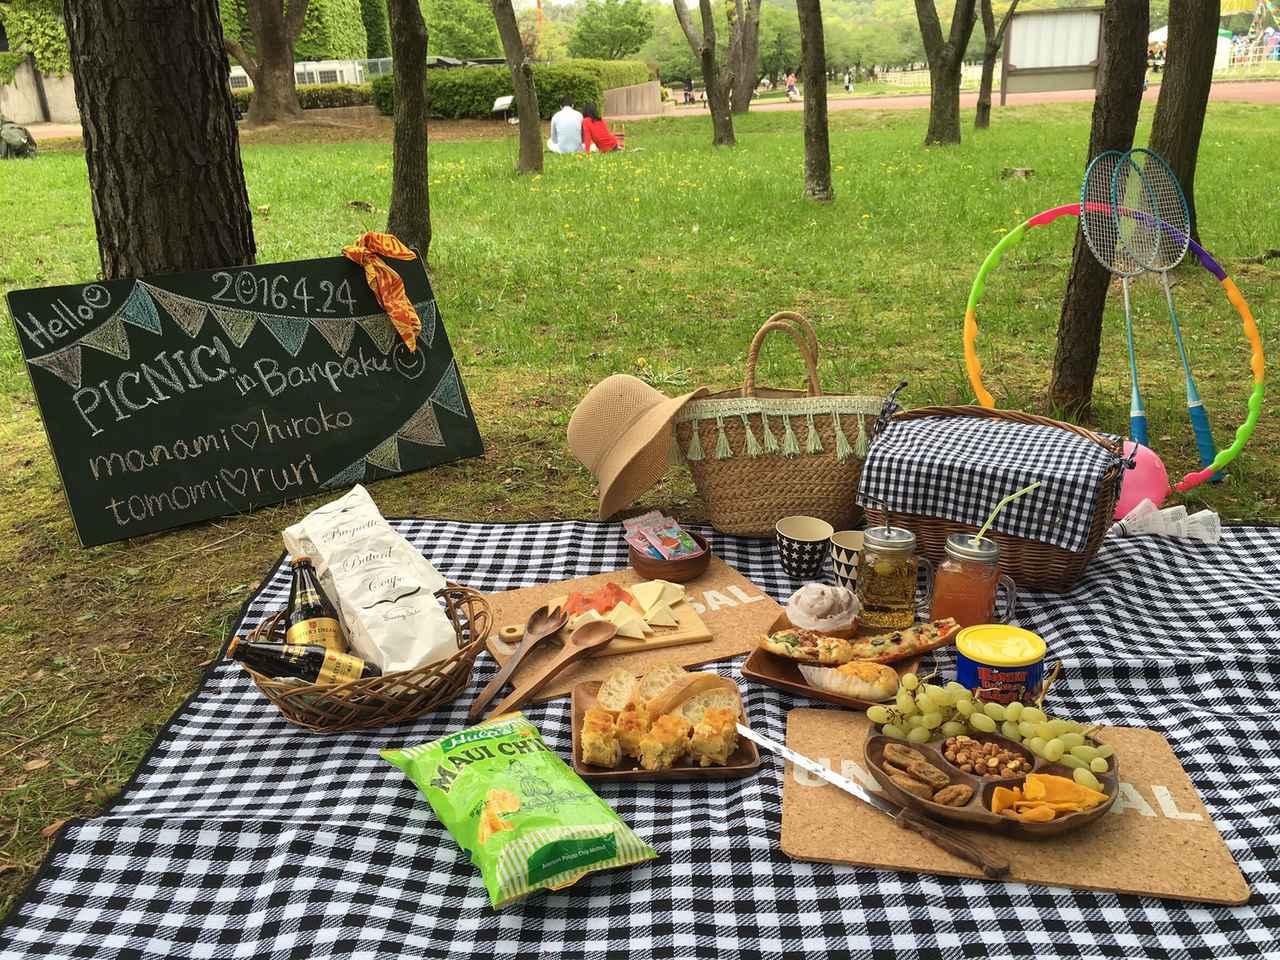 画像: ピクニックは肌寒さの残る季節が狙い目! おいしいお弁当を持って広々空間や一等席を満喫! 防寒対策もしていこう